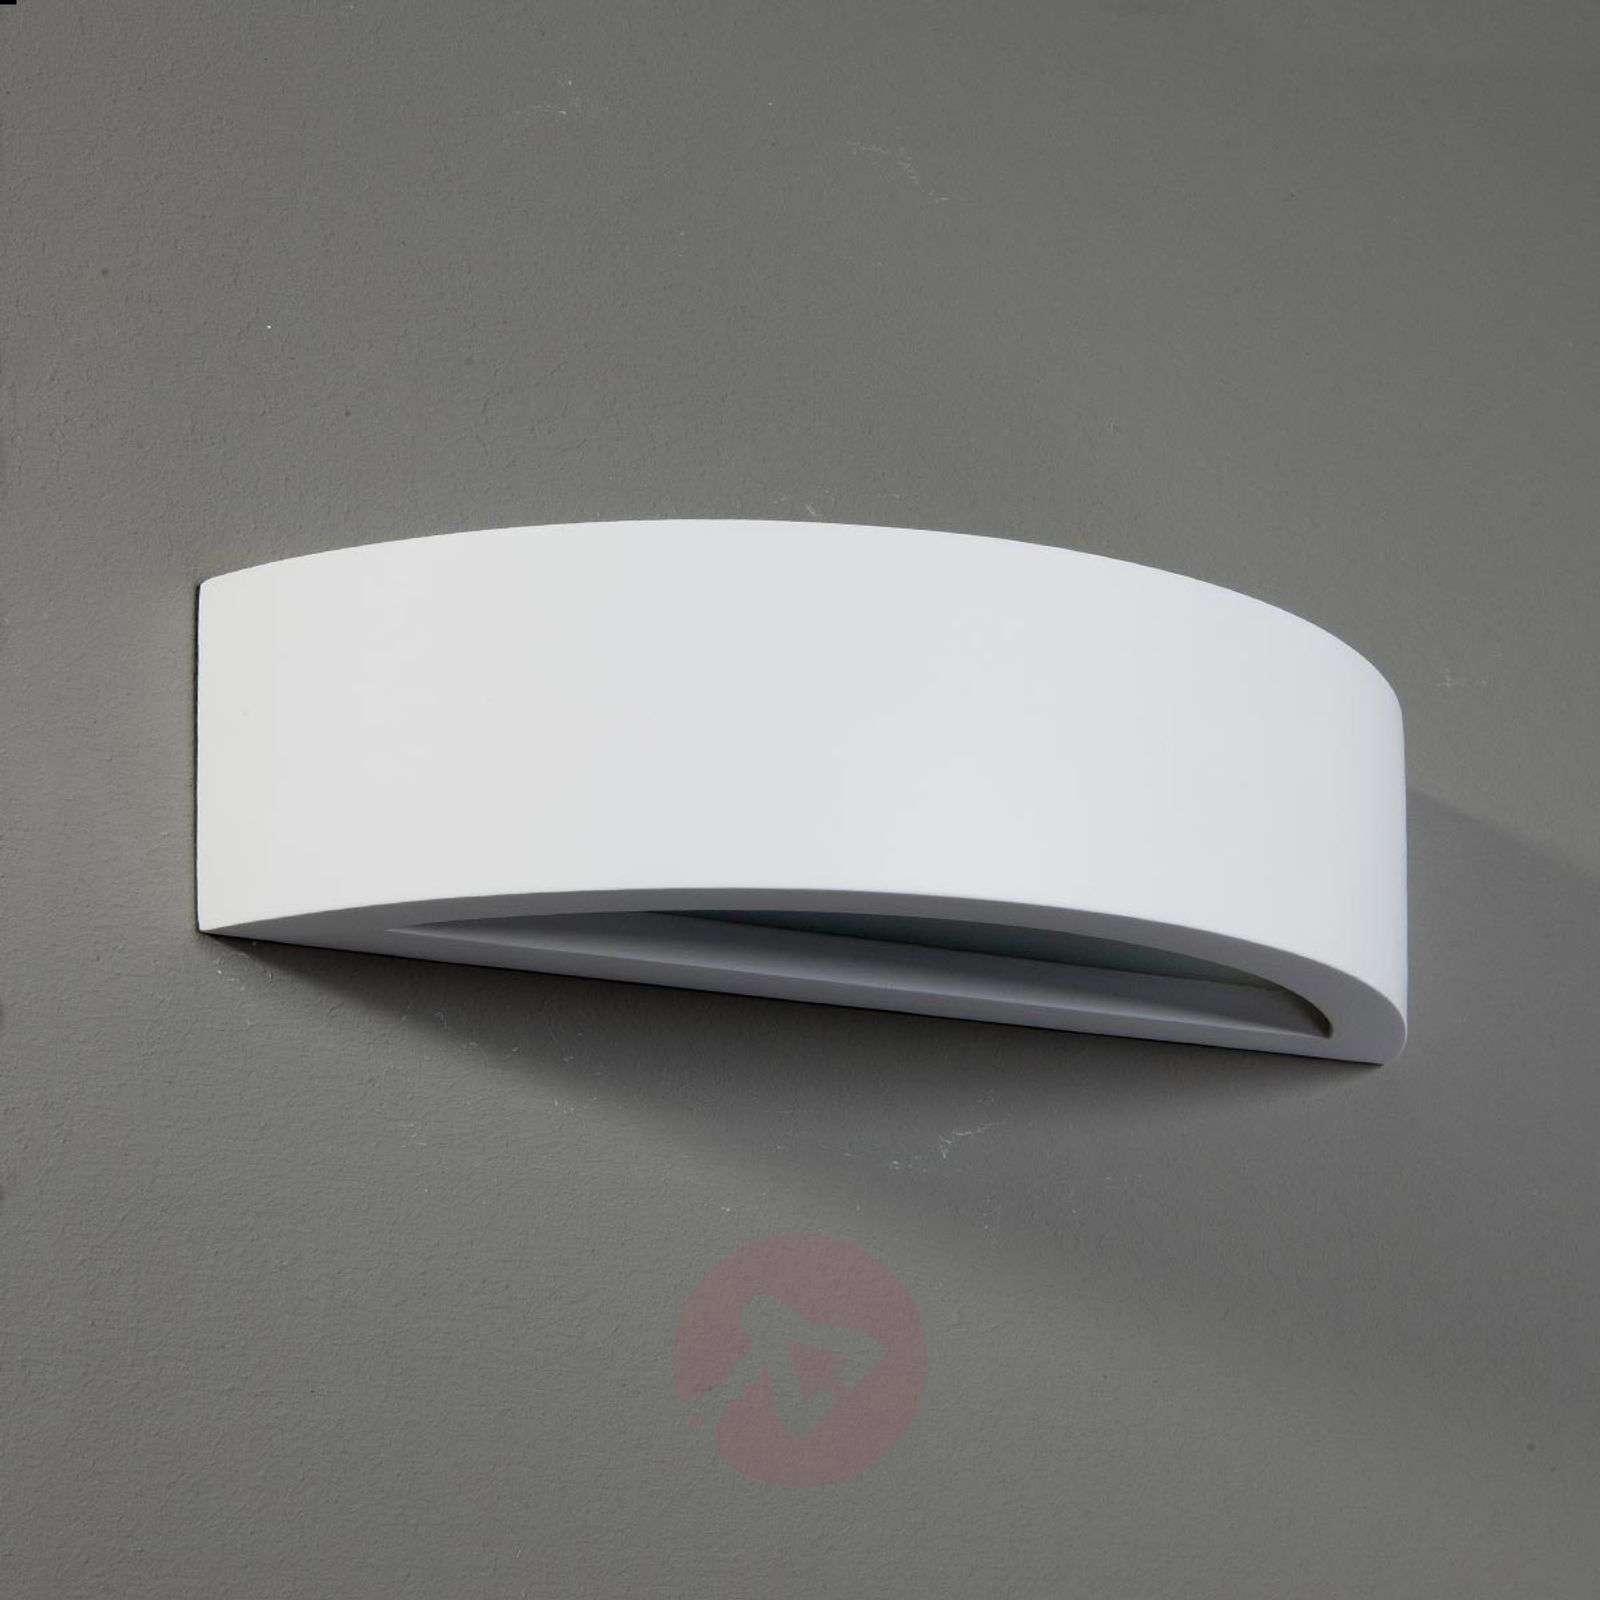 Konstantin Wall Light Curved Plaster White-9613008-01